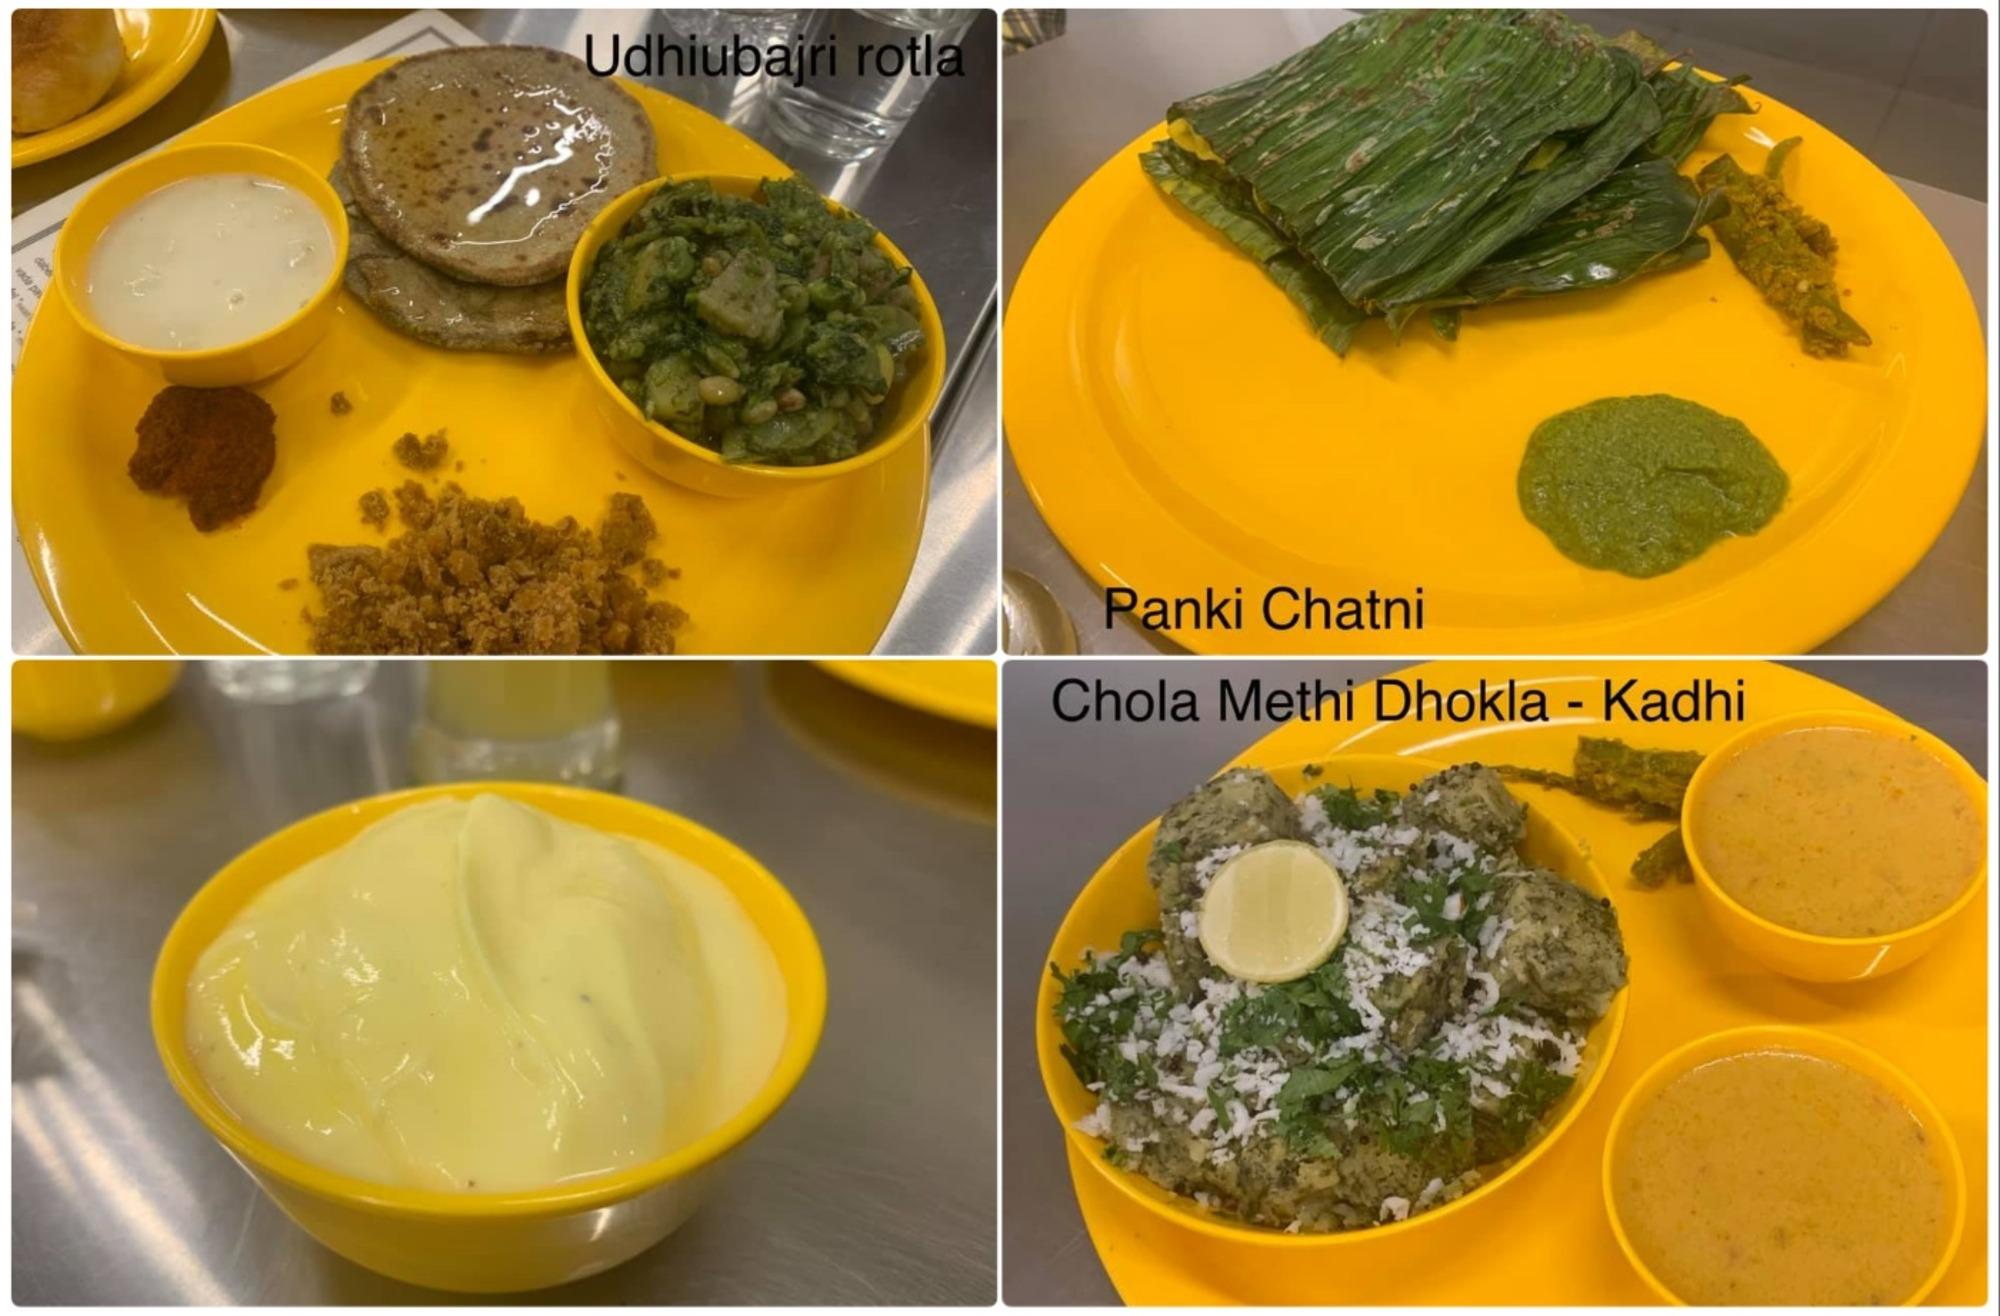 Udhiubajri rotla, Panki Chatni, Shrikhand & Chola Methi Dhokla with Kadi